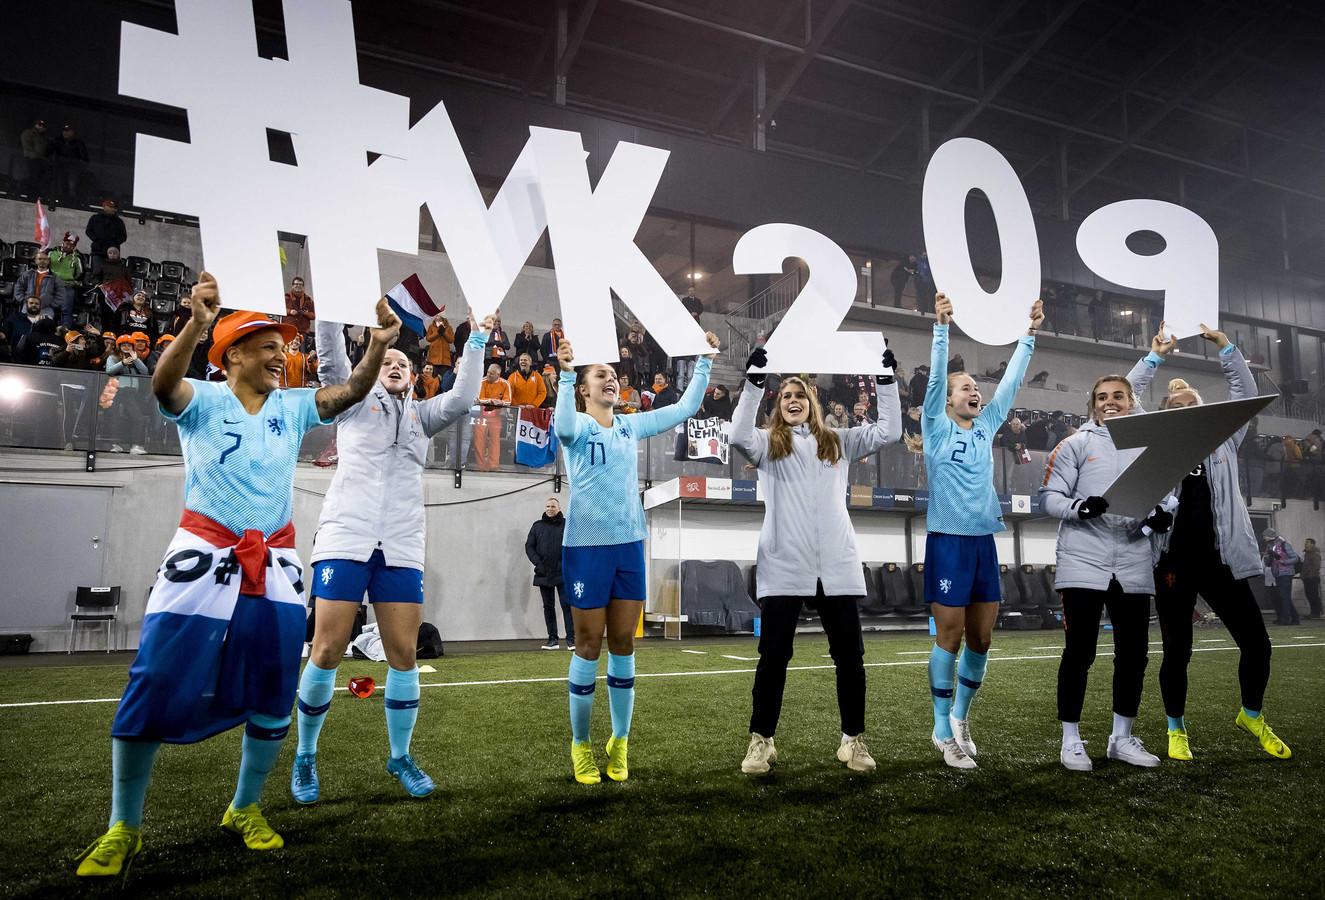 2018-11-13 20:59:55 SCHAFFHAUSEN - Het Nederlandse vrouwenelftal viert de overwinning op Zwitserland na afloop van de return in de finale van de play-offs om een WK-ticket. ANP KOEN VAN WEEL